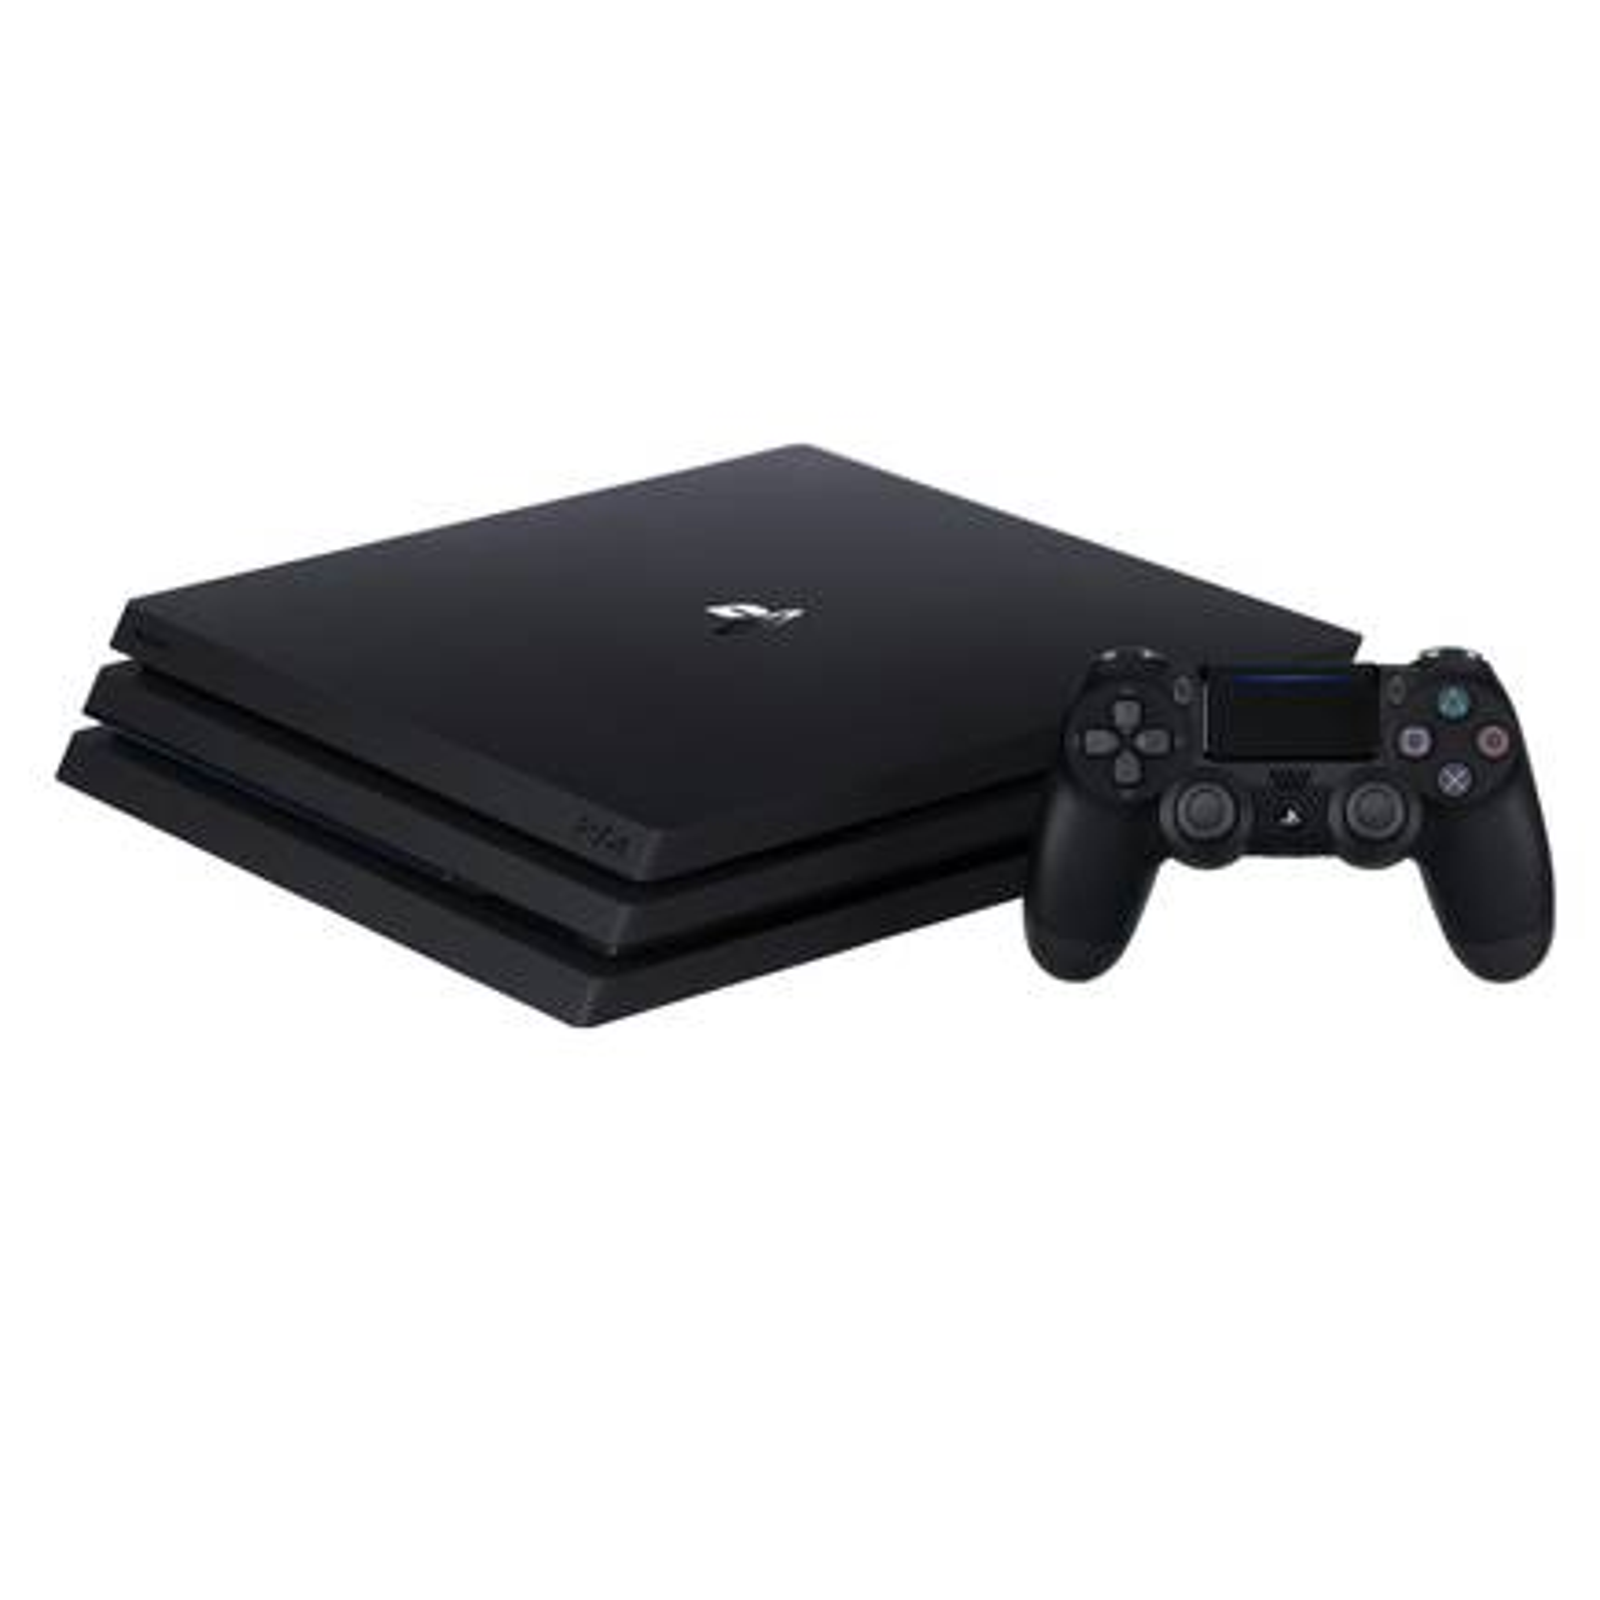 ps4 pro consoles-comparison_table-m-2